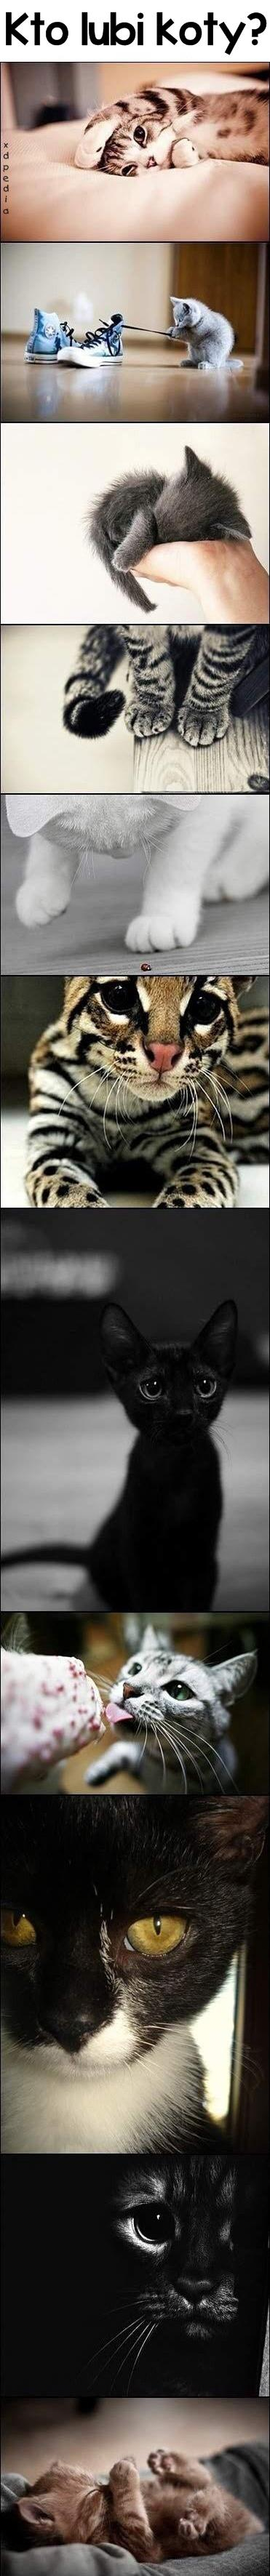 Kto lubi koty?